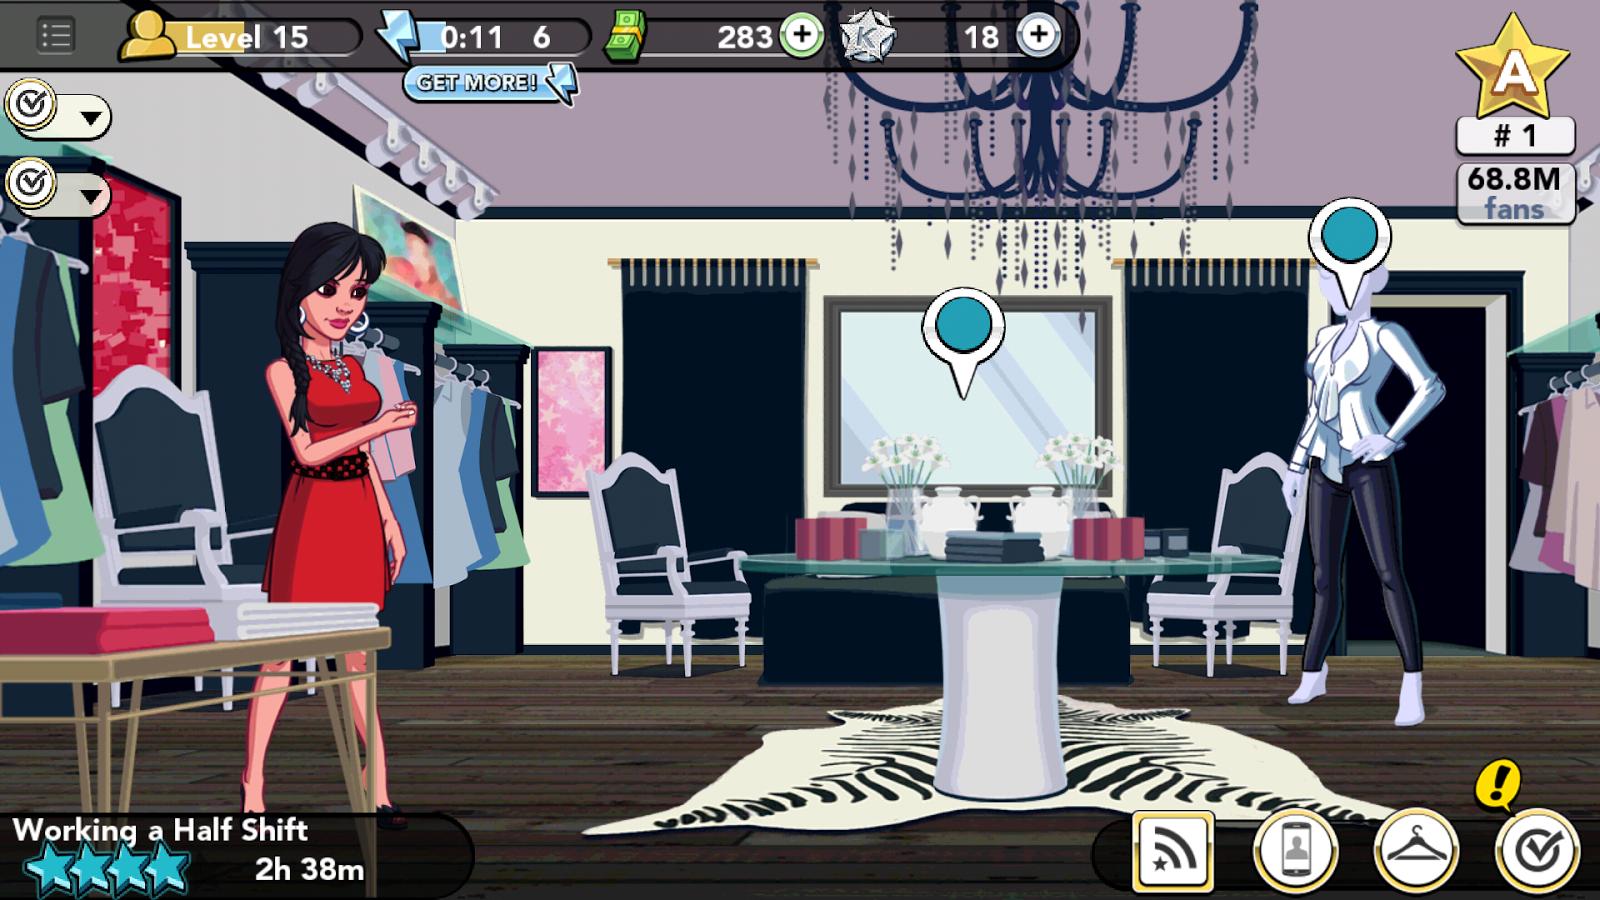 Kim Kardashian: Hollywood game - working at Kardash